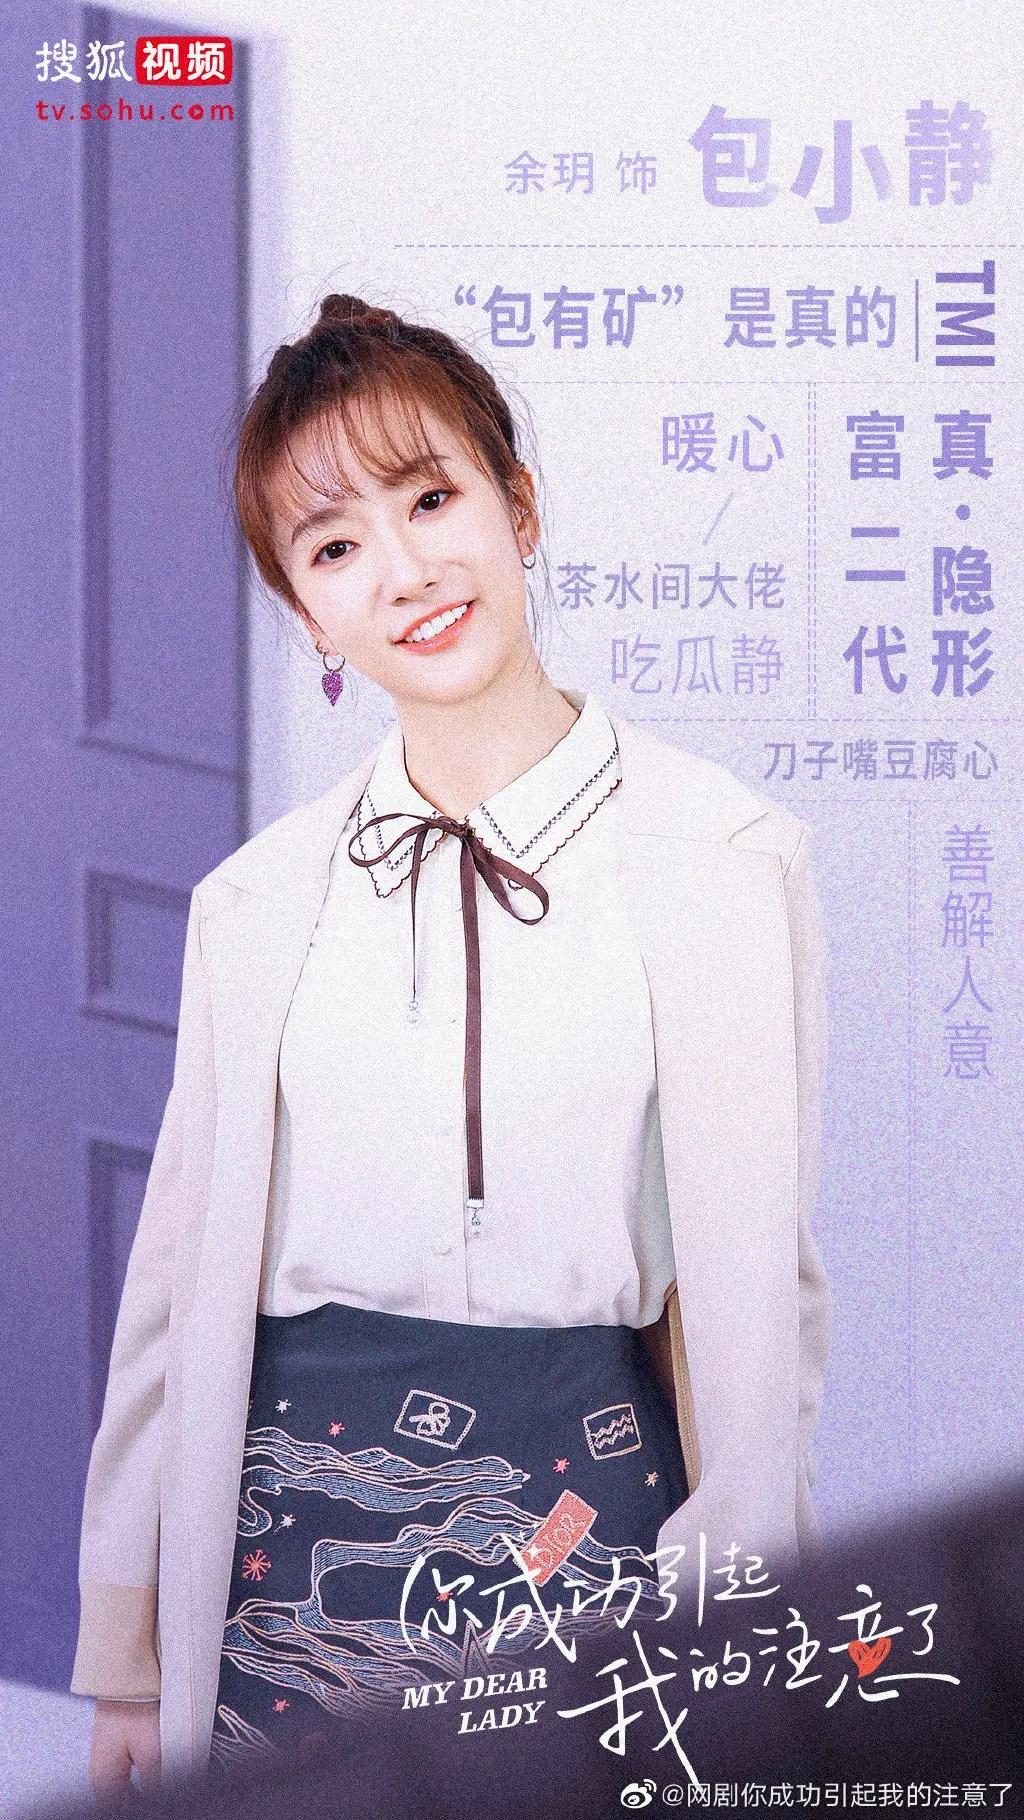 Yu Yue